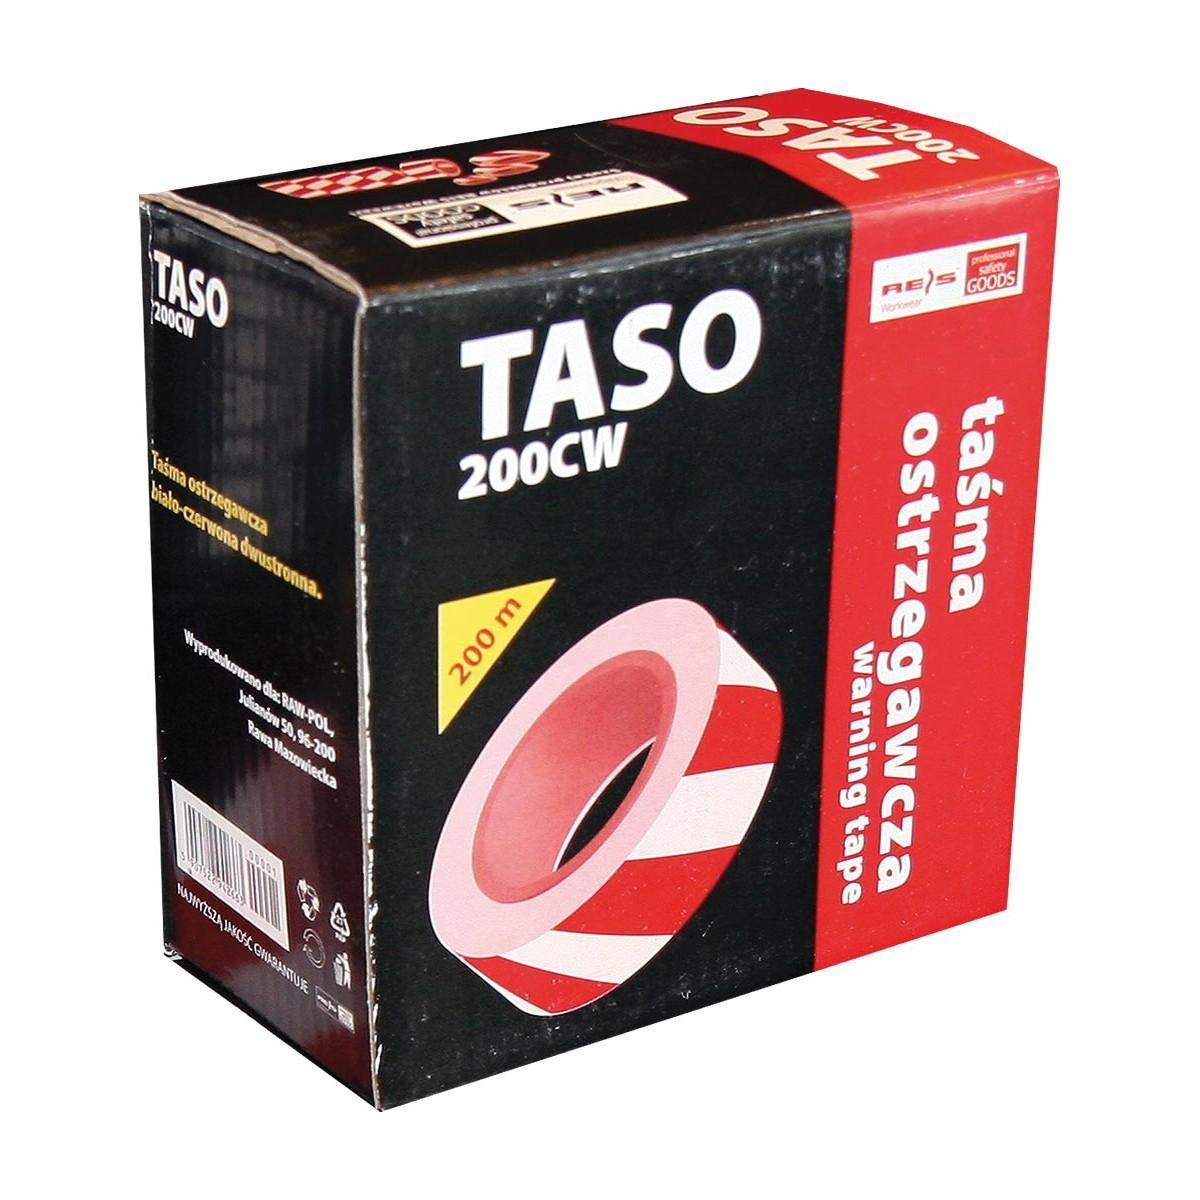 Taśma ostrzegawcza dwustronna czerwono-biała REIS TASO 200m